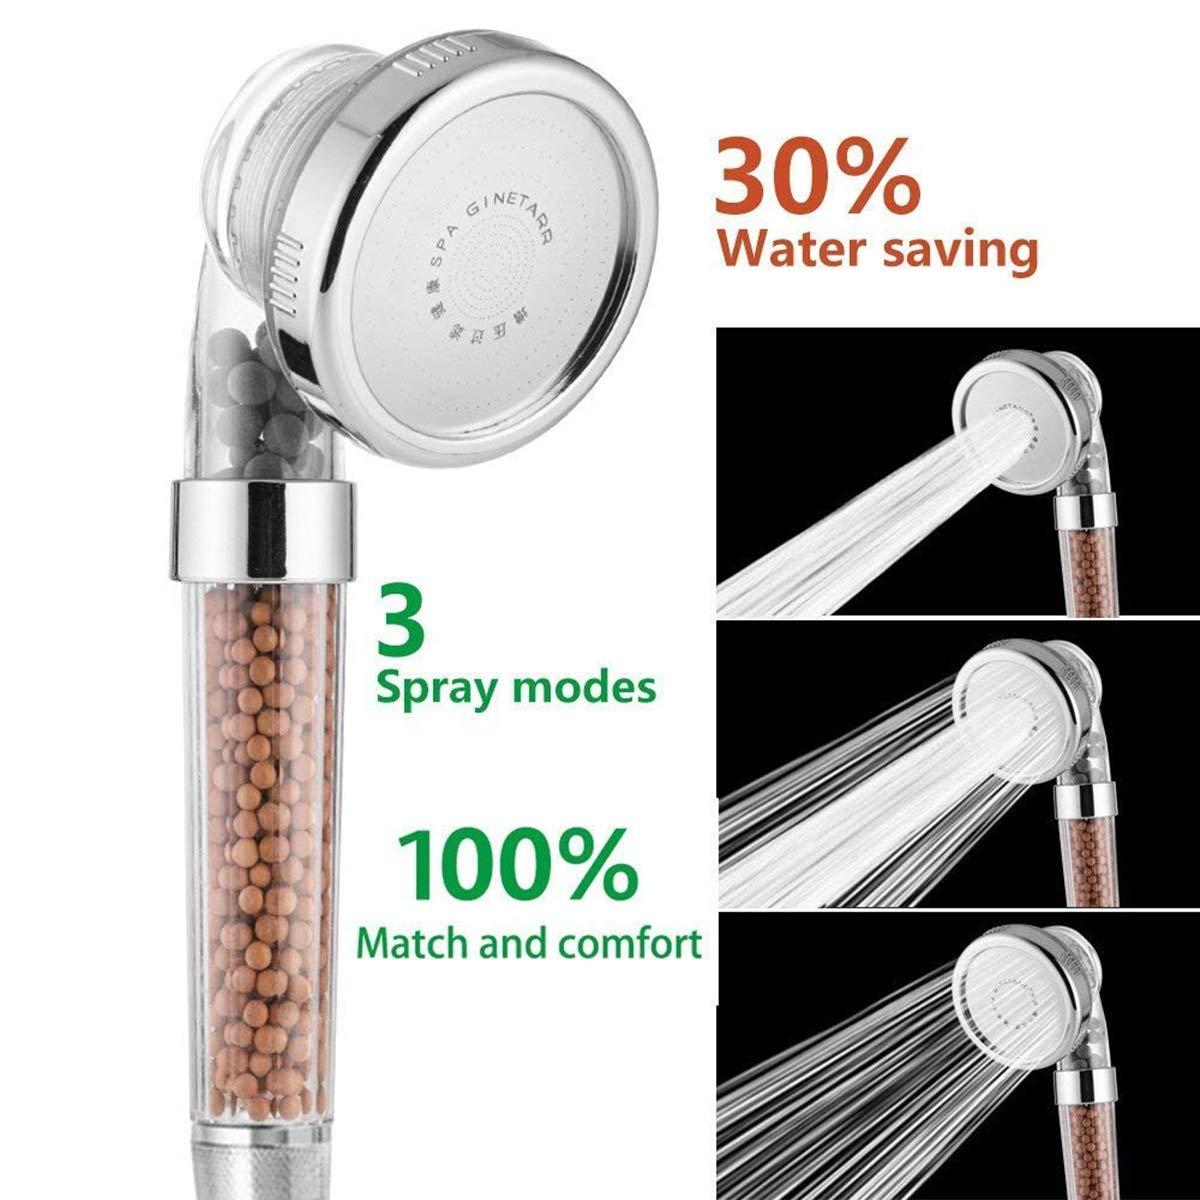 200/% Alta Presi/ón 30/% Ahorro de Agua para Ba/ños HJ Stay Real Alta Presi/ón Water Saving Alcachofa de Ducha Ionic de Mano Cabezal de Ducha de modo 3 con Iones Filtro